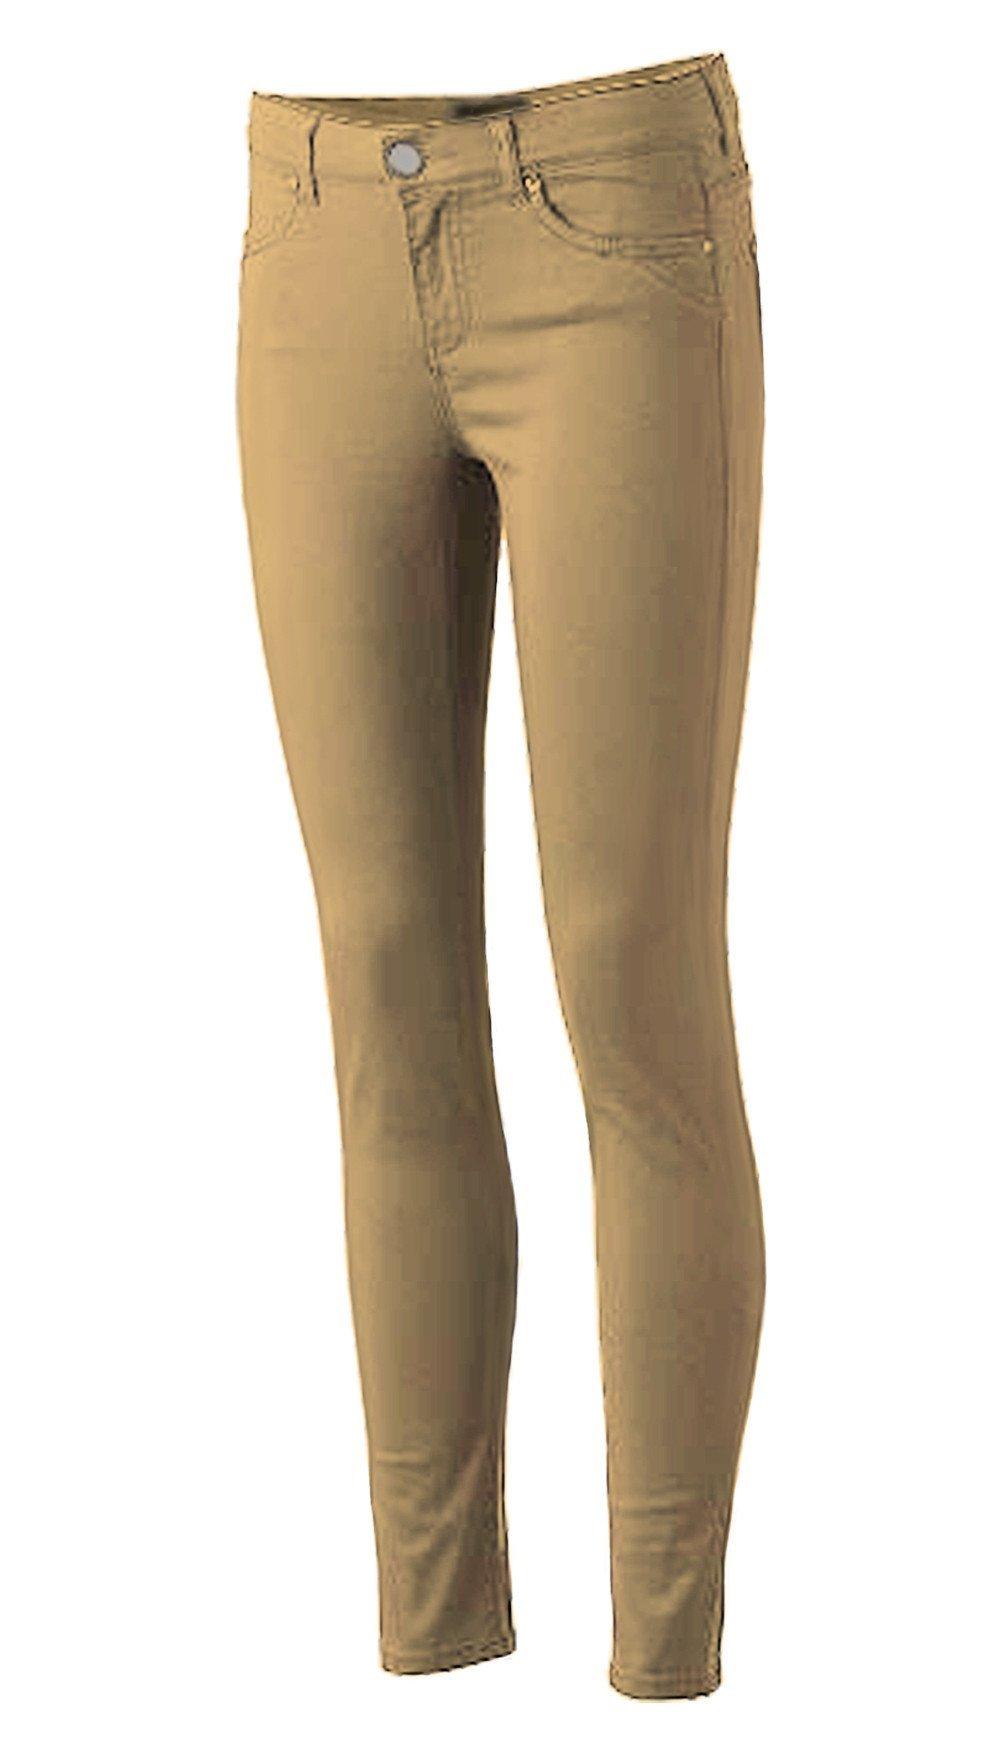 Pro5 Girls Junior School Uniform Skinny Stretched Pants Black/Navy/Khaki/Grey 0~15 (1, KHAKI)